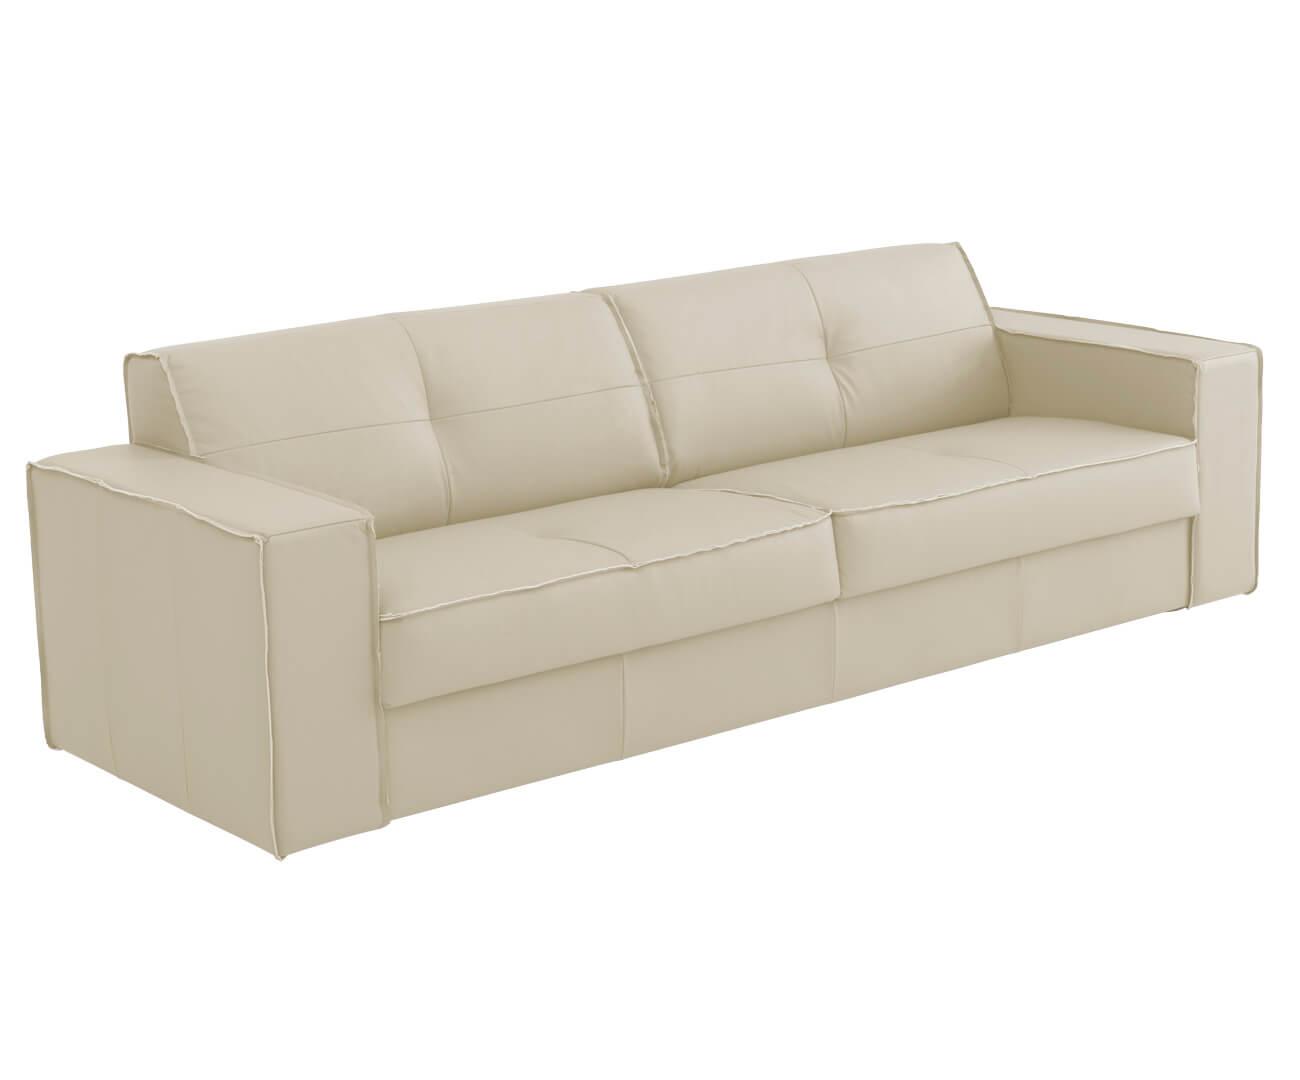 sofá em couro natural 3 lugares san francisco (com molas) 1269